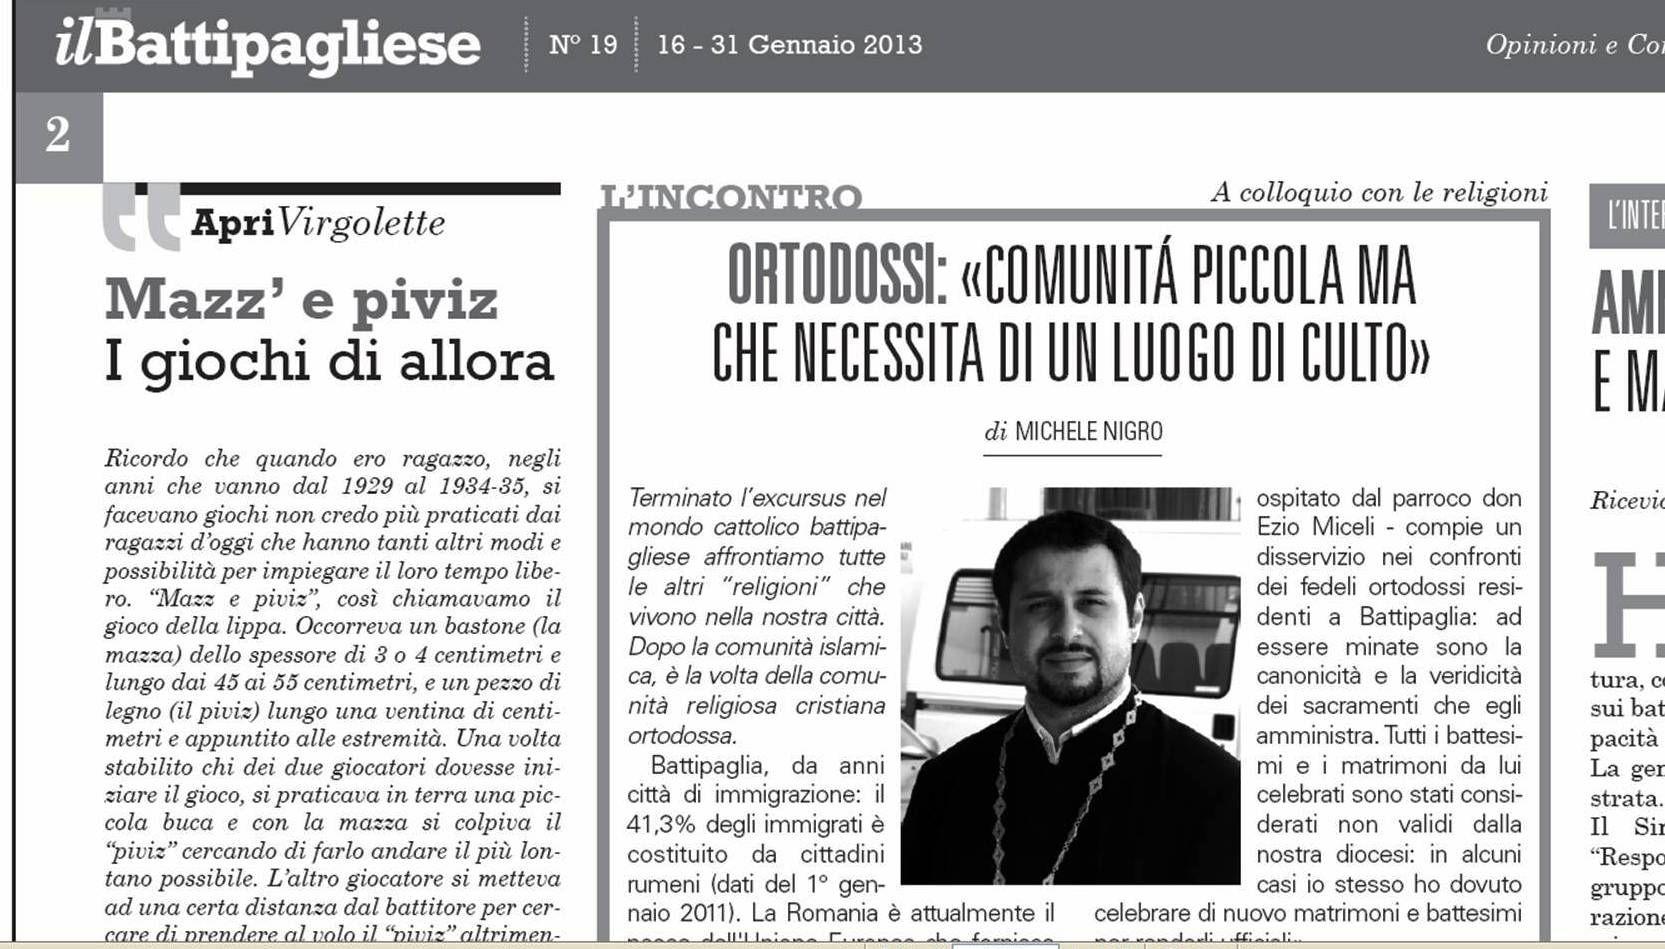 """Un mio articolo riguardante la comunità religiosa ortodossa presente a Battipaglia è stato pubblicato sul n.19/2013 del quindicinale """"il Battipagliese"""". Ho avuto l'occasione di intervistare p. Nico..."""